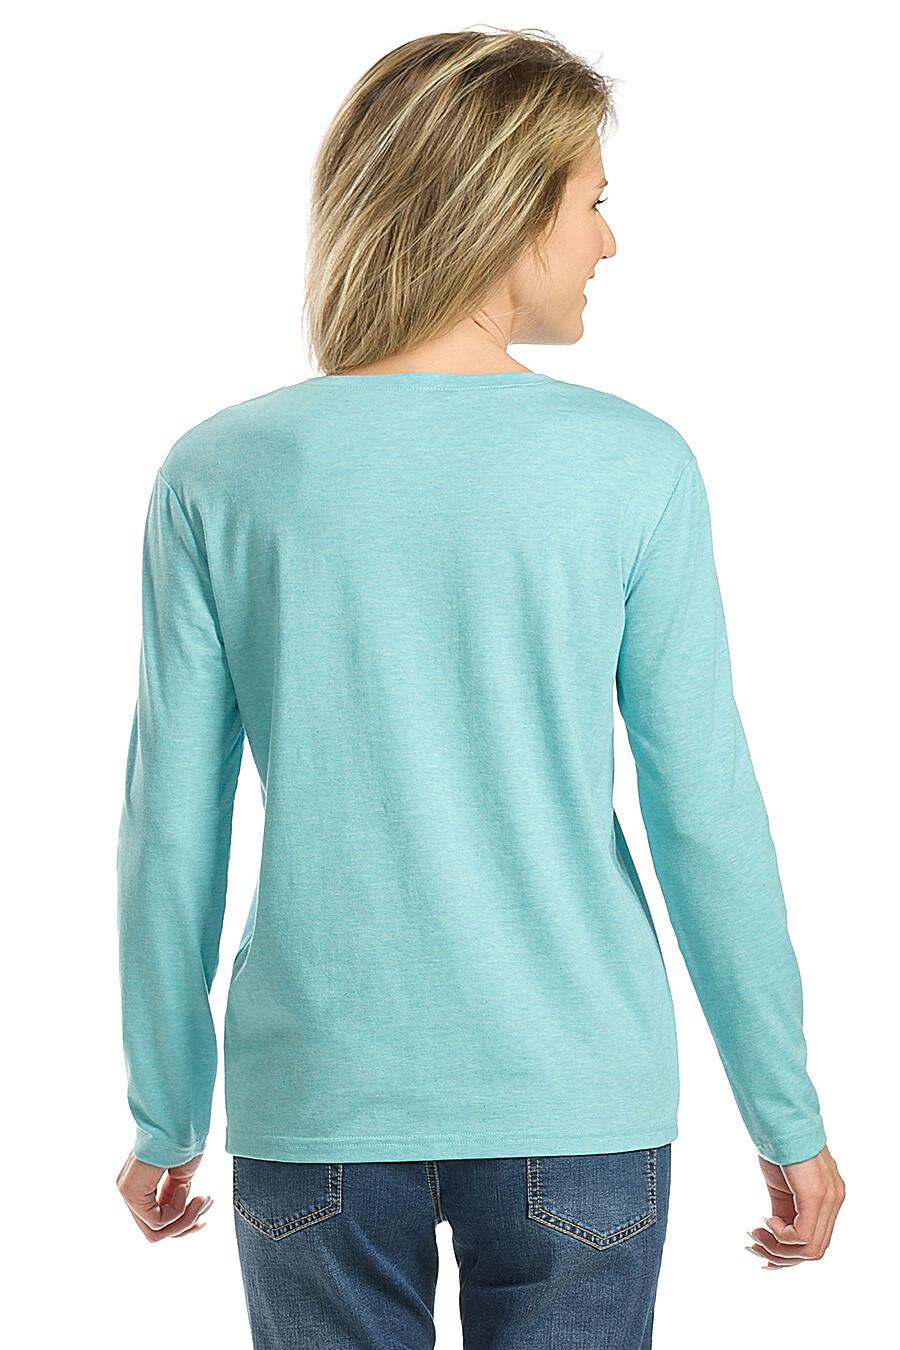 Джемпер для женщин PELICAN 146616 купить оптом от производителя. Совместная покупка женской одежды в OptMoyo